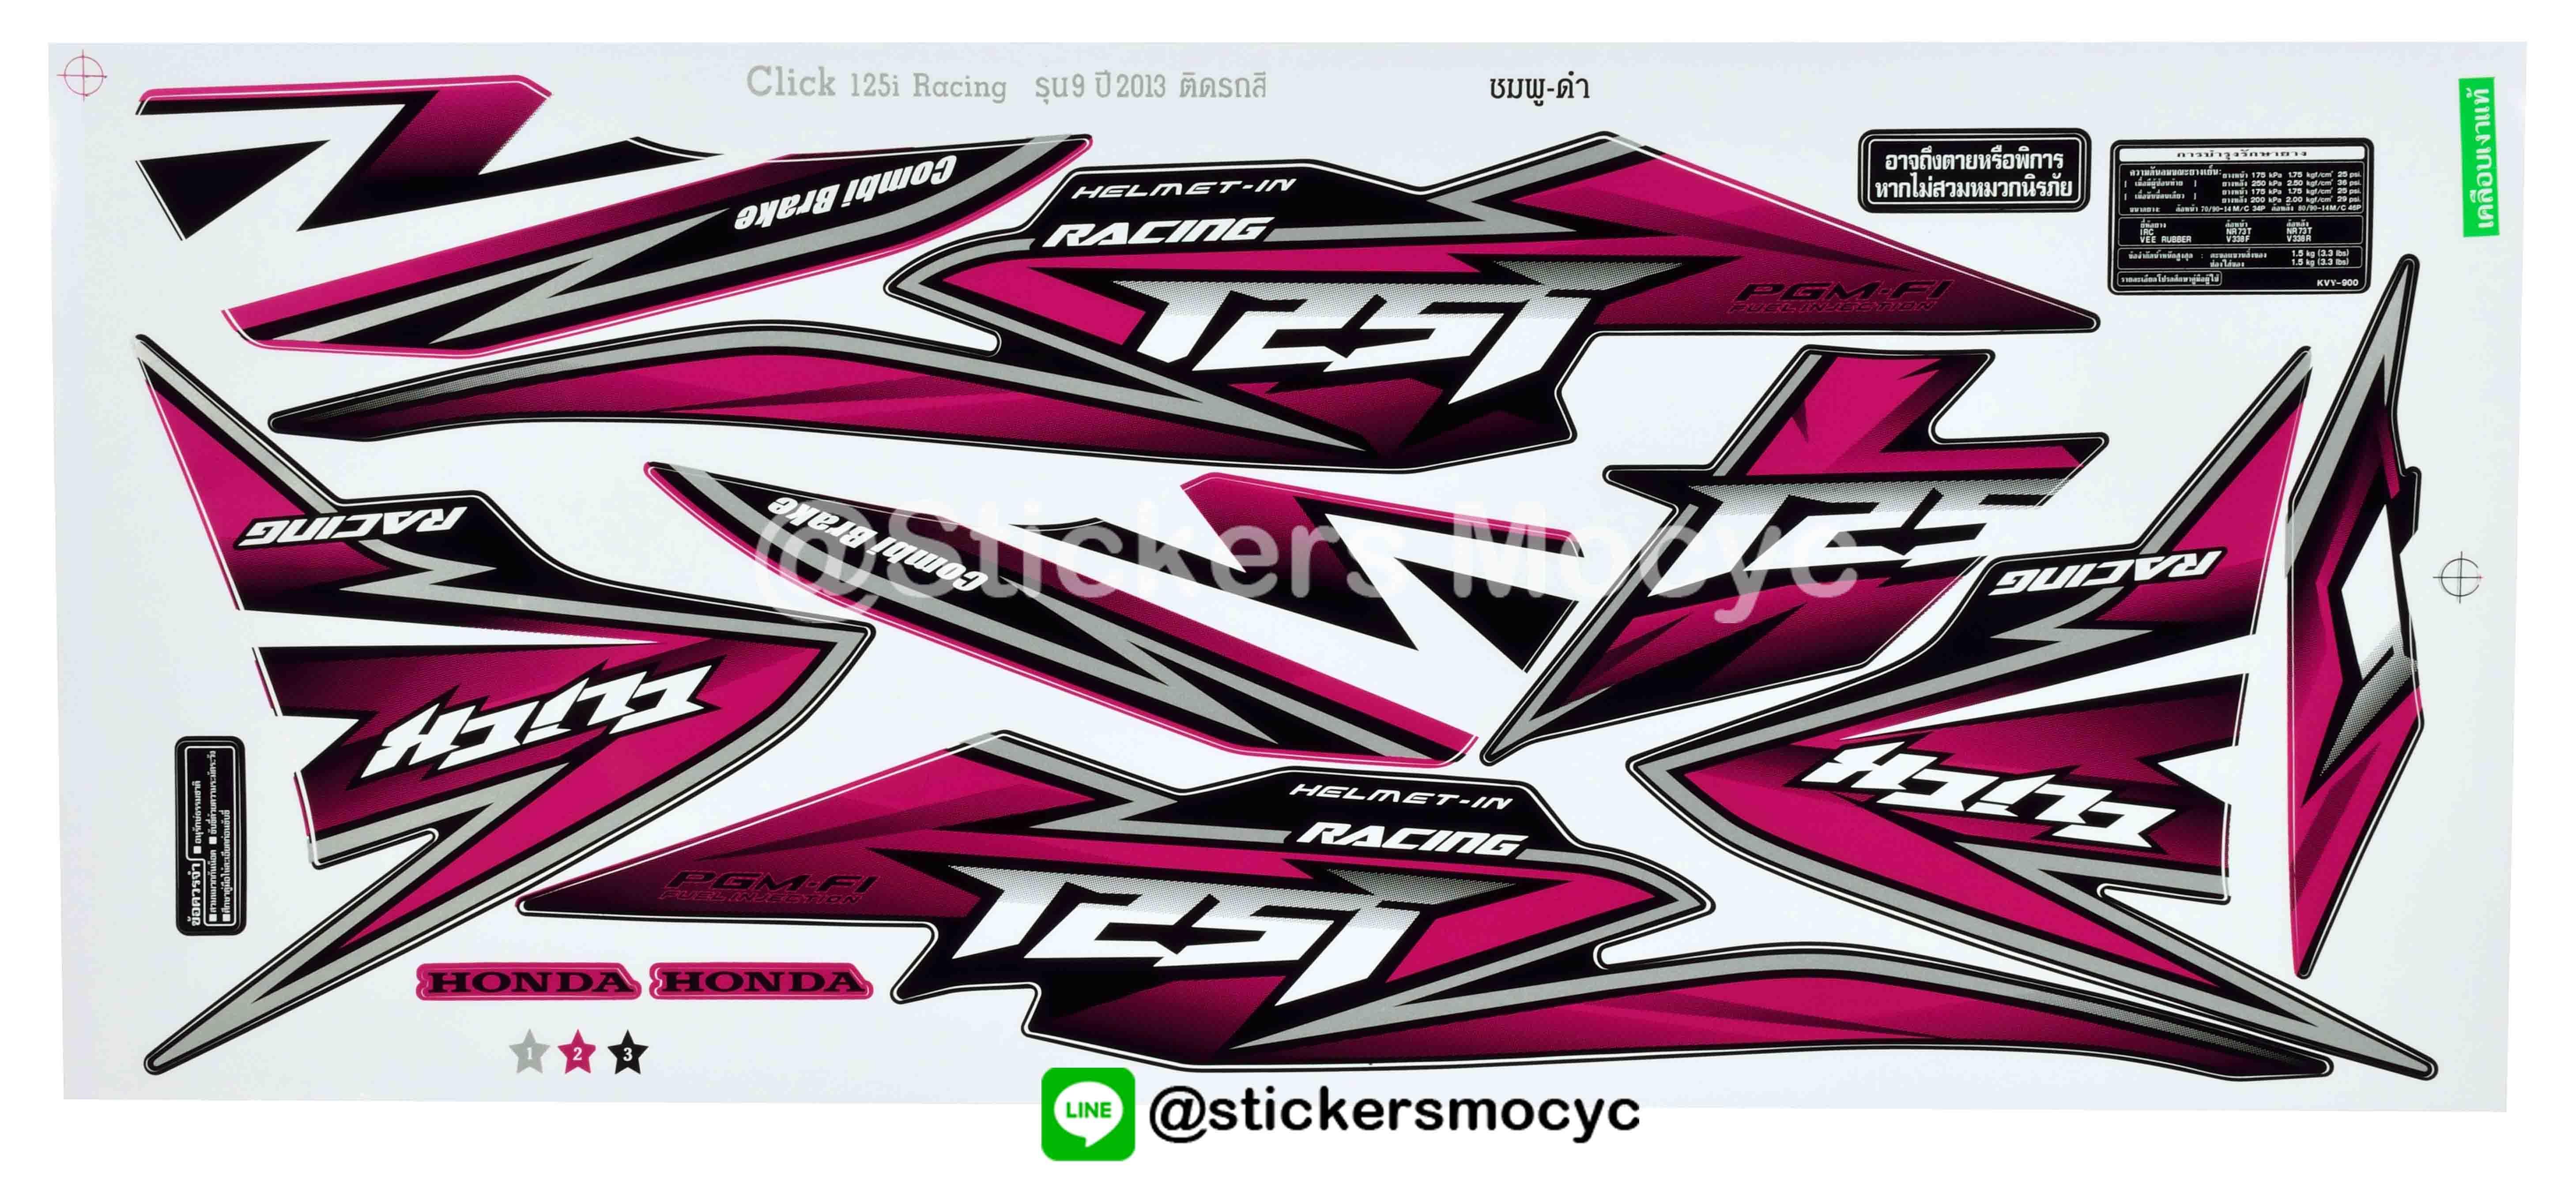 สติ๊กเกอร์ click 125i sticker click 125i แต่ง ปี 2013 รุ่น 9 ติดรถ สีชมพู ดำ (เคลือบเงา)